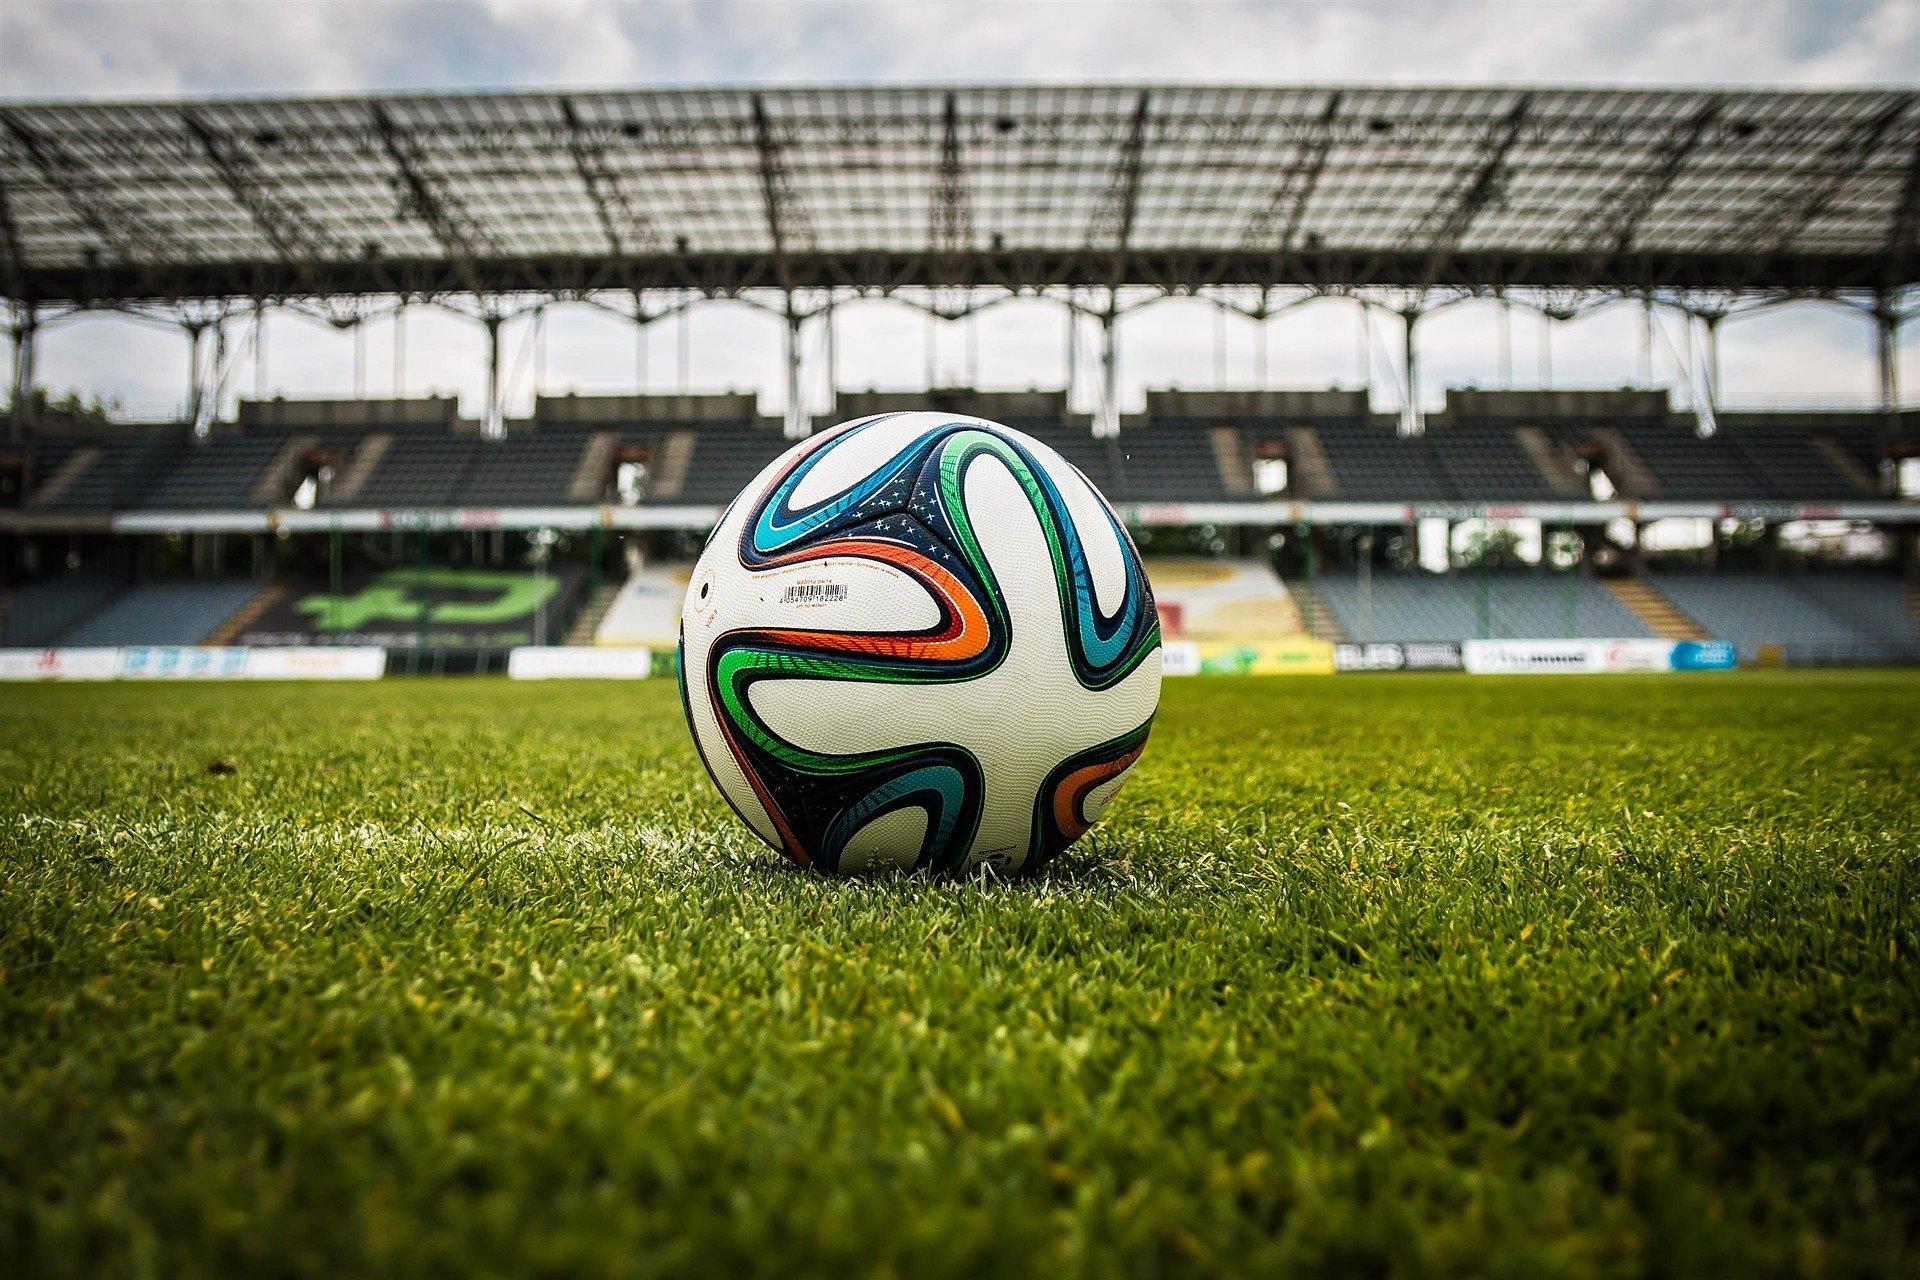 Esta será a segunda vez que ocorre uma partida de futebol com dolby atmos na tv aberta